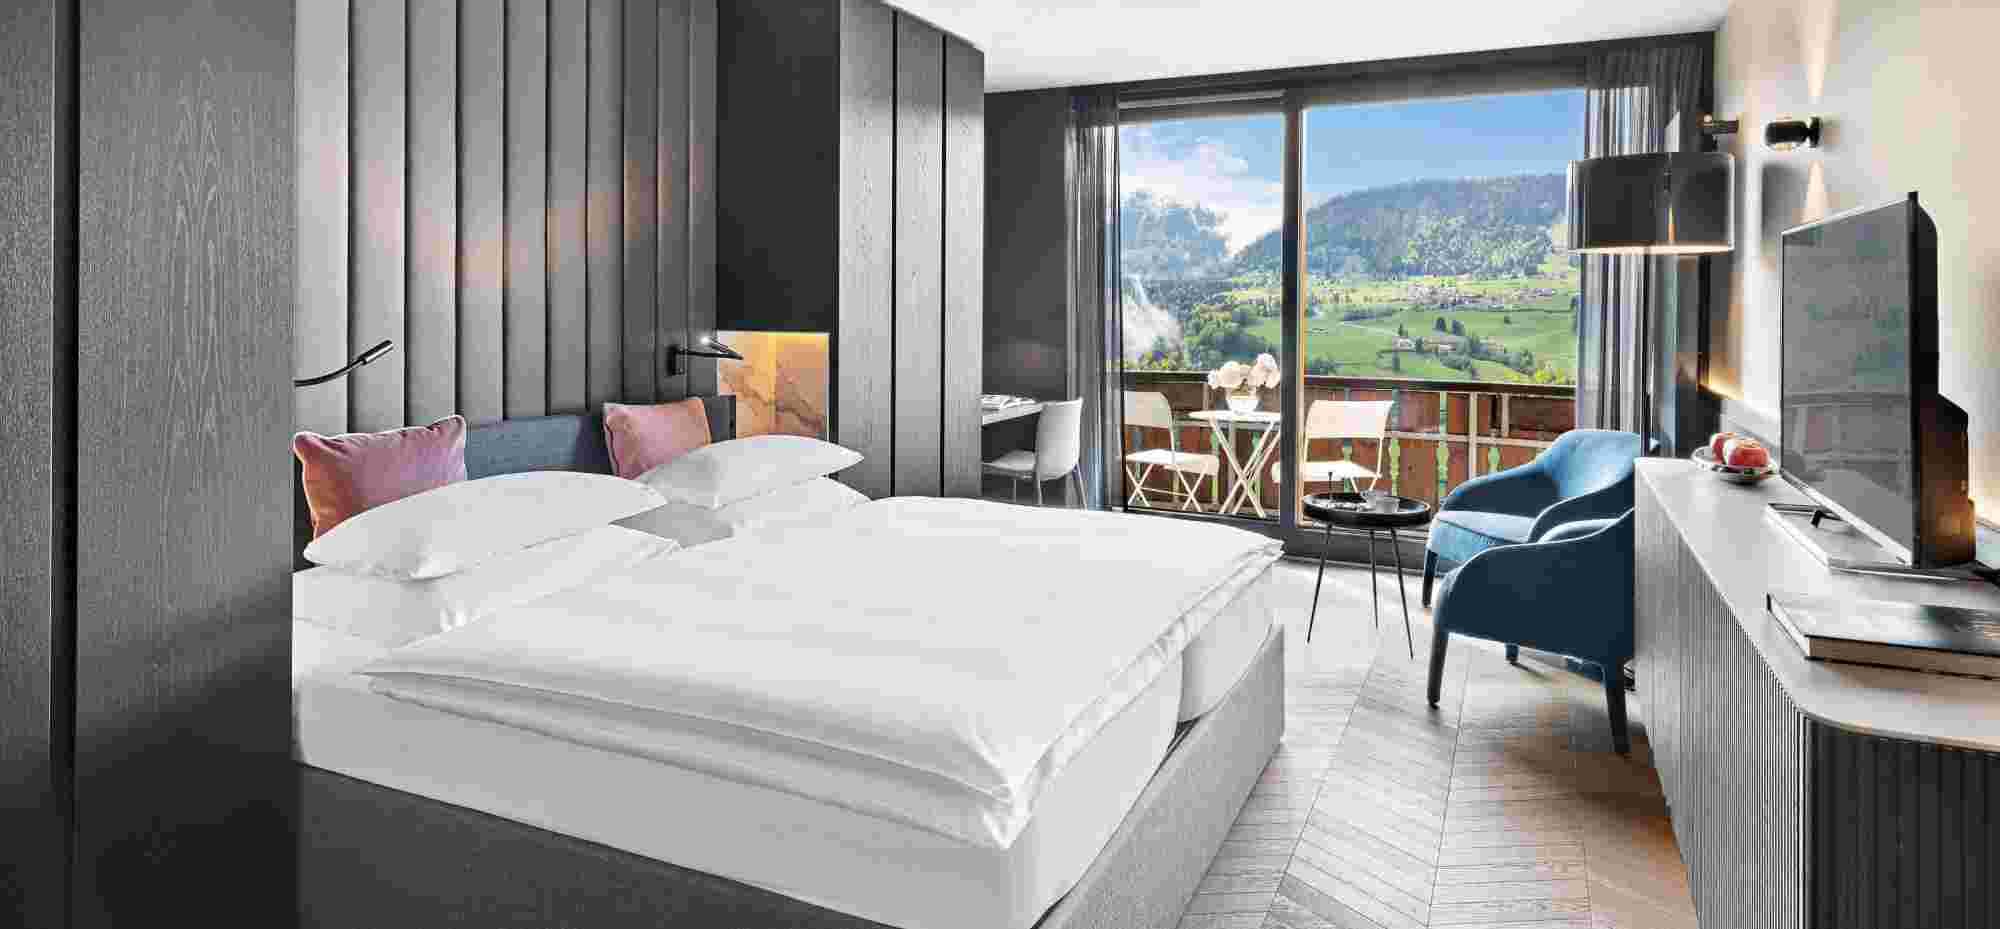 Superior Doppelzimmer anthrazit mit Ausblick im 5 Sterne Hotel Allgäu Sonne